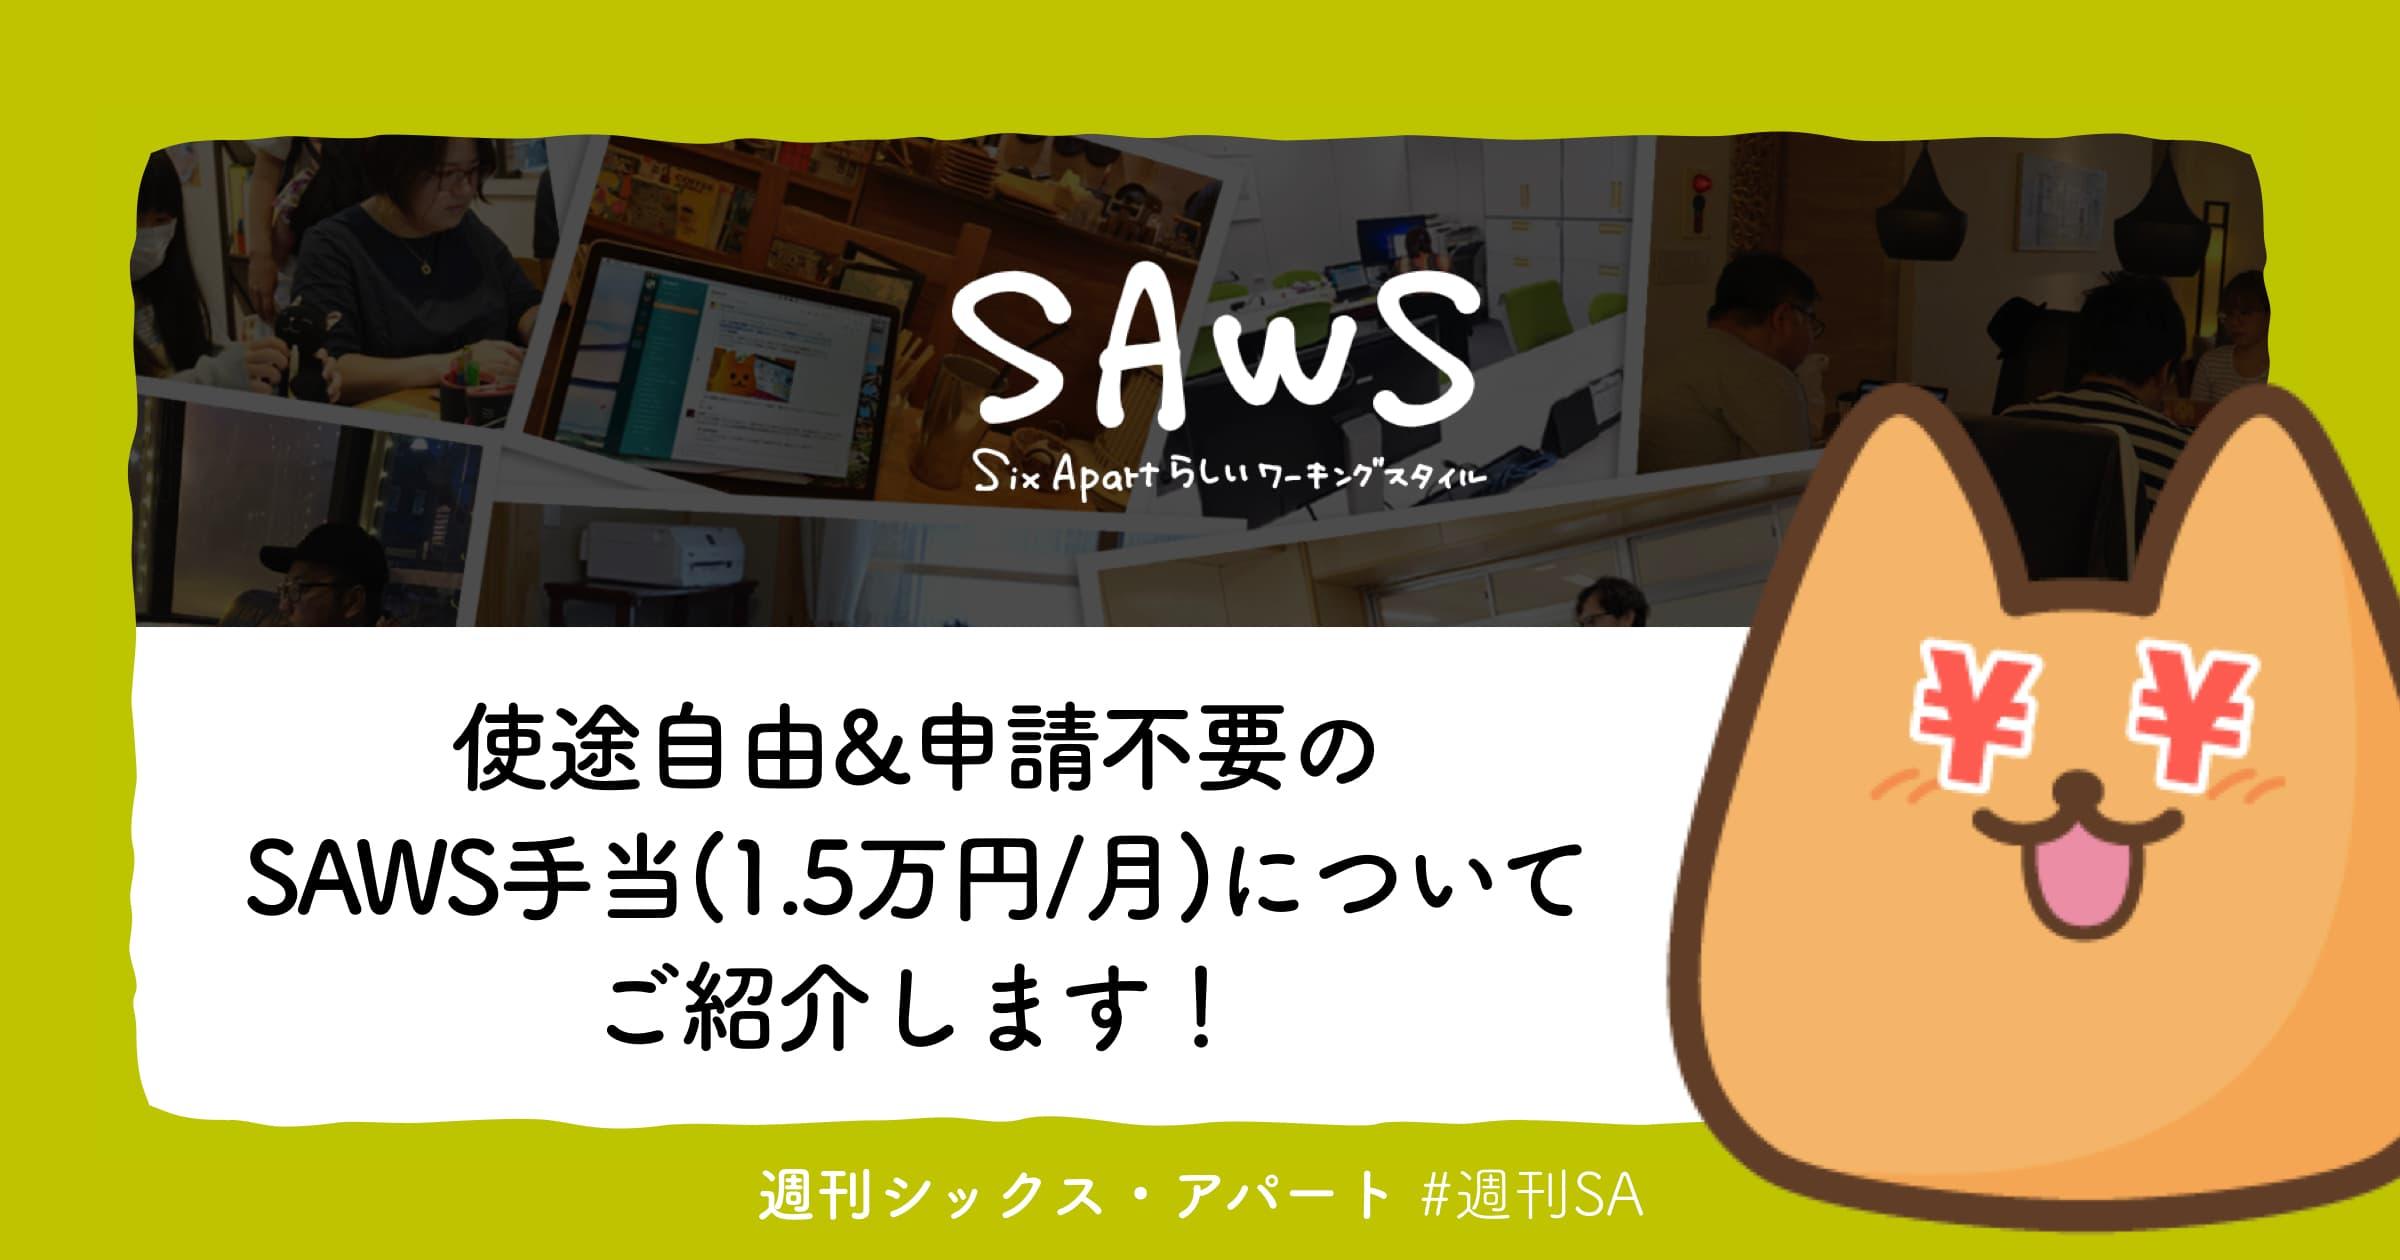 オフィス外で働くコストをカバー 毎月1.5万円の「SAWS手当」を紹介します